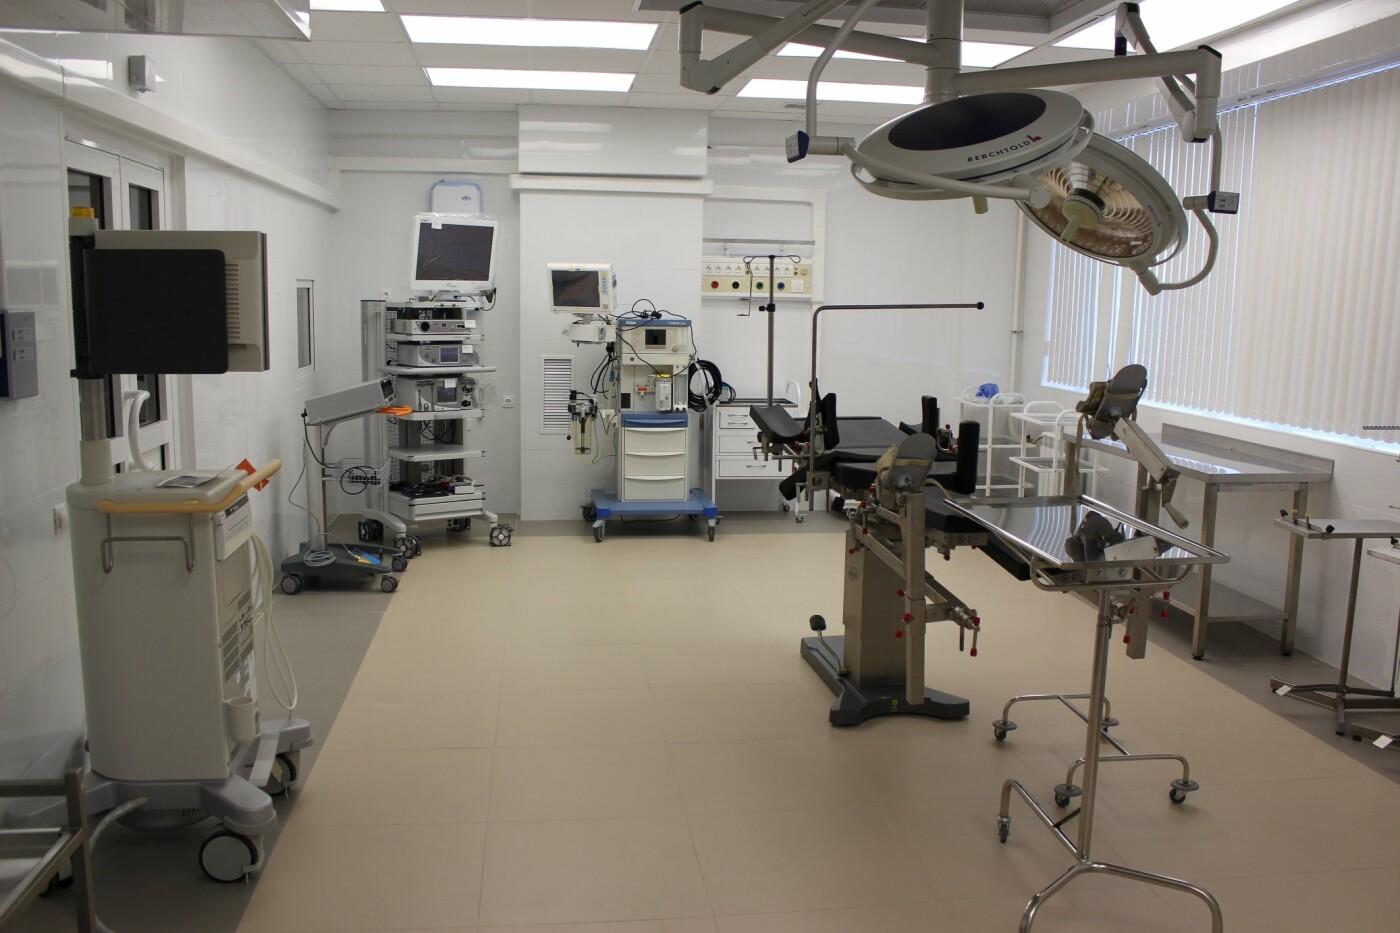 Экстренная медицинская помощь пострадавшим в ДТП будет оказываться в новом травмацентре, фото-7